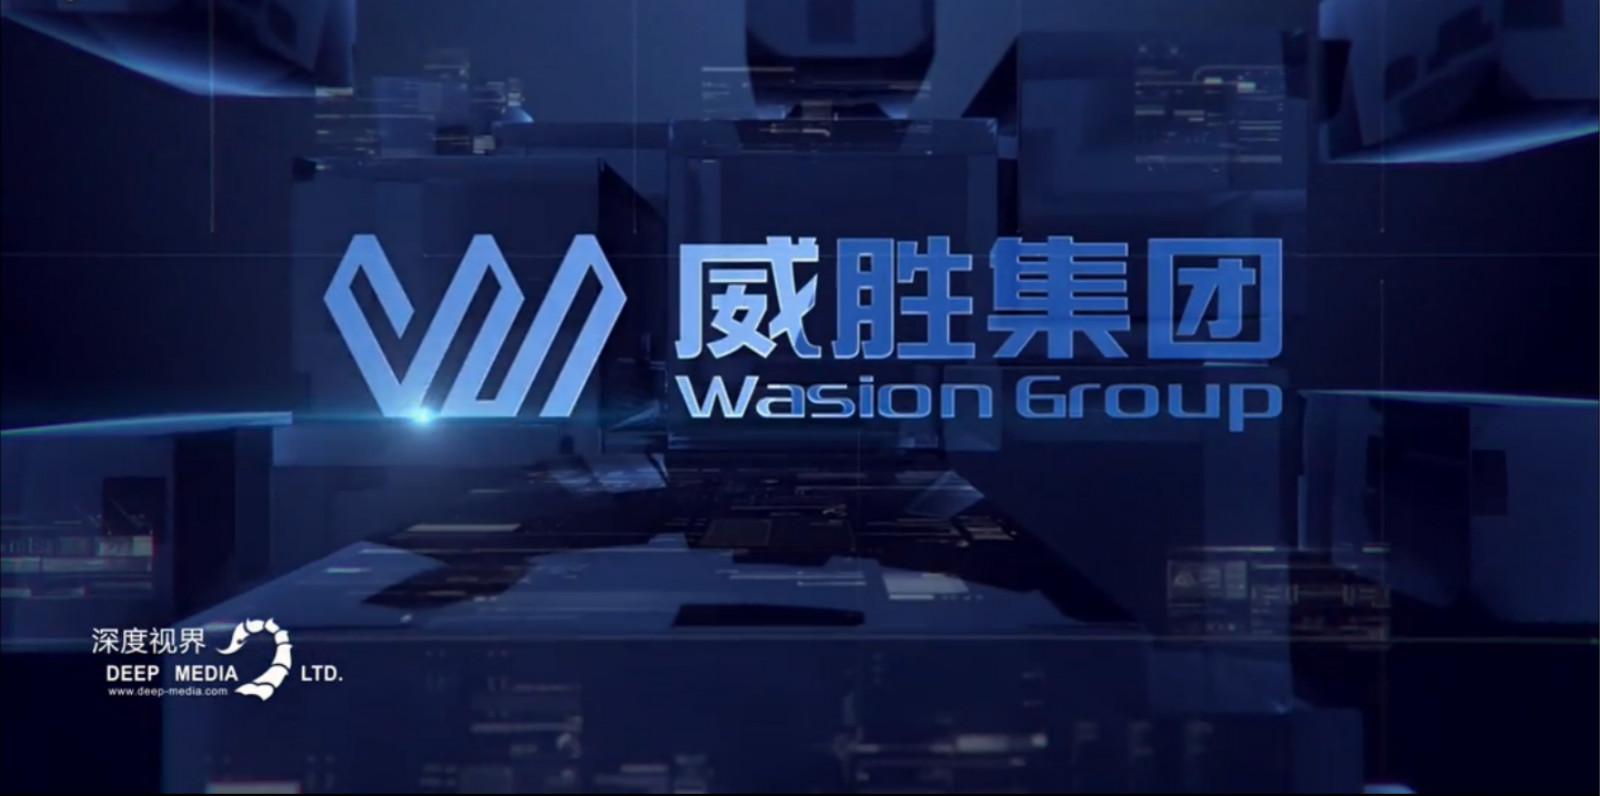 威胜集团-企业宣传片